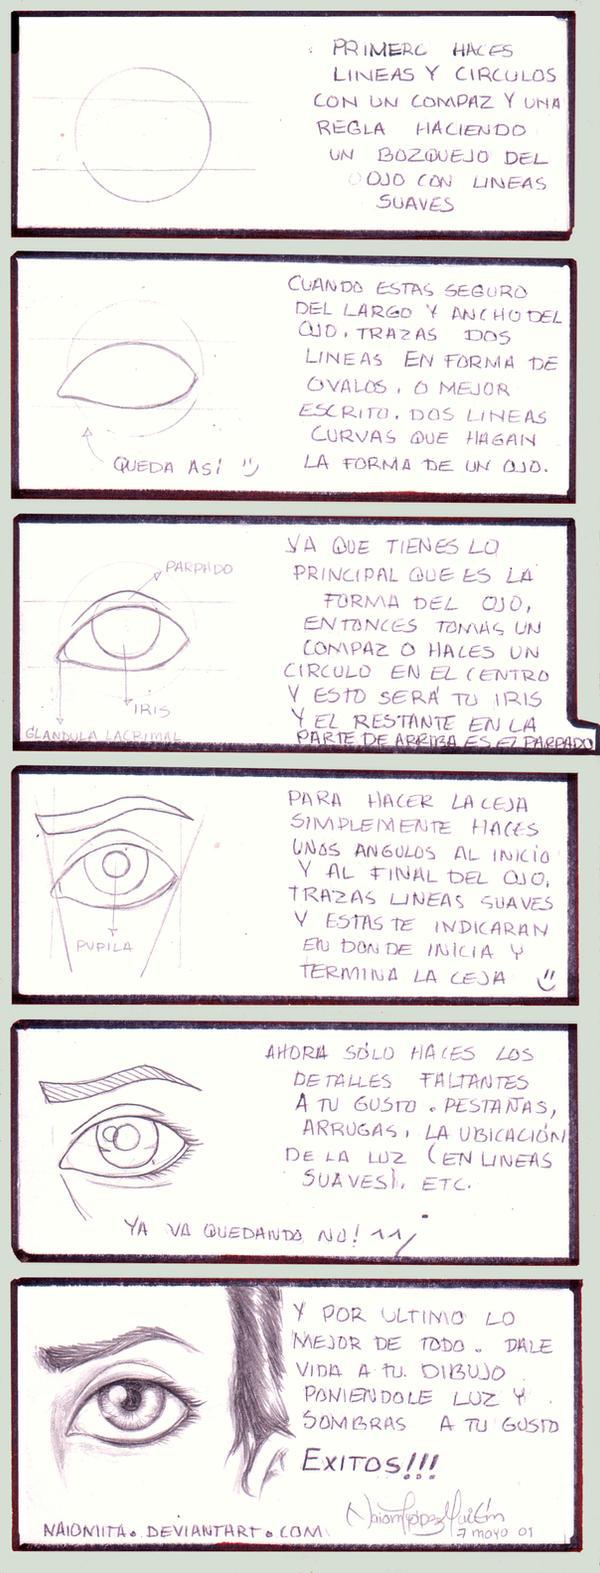 Como dibujar un ojo humano by noticias on DeviantArt